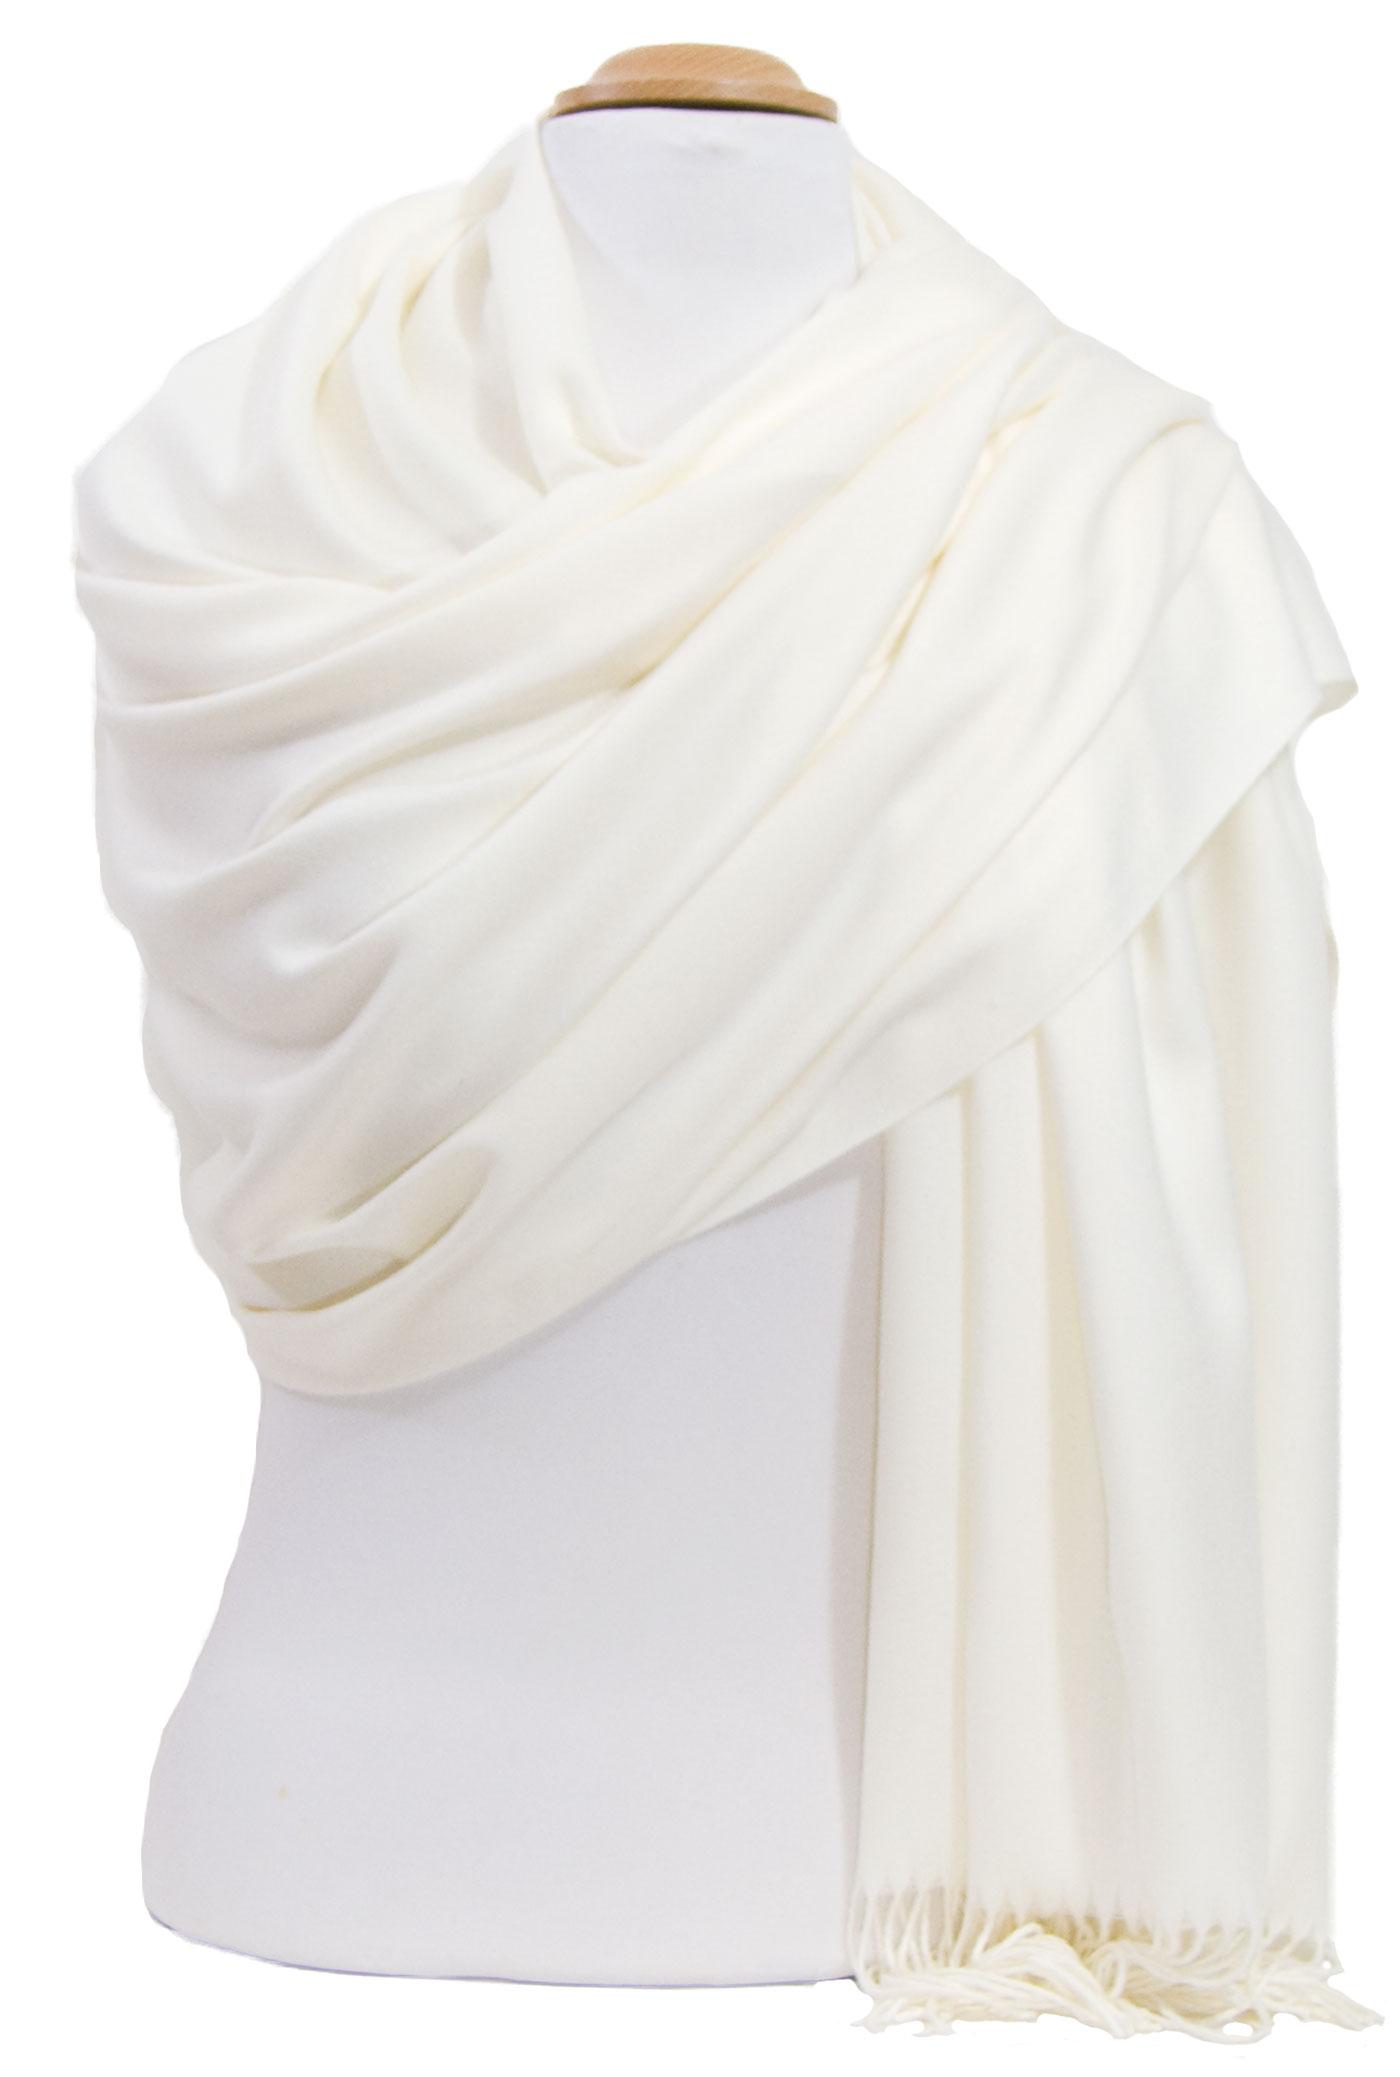 étole femme écru cachemire laine charlie 2